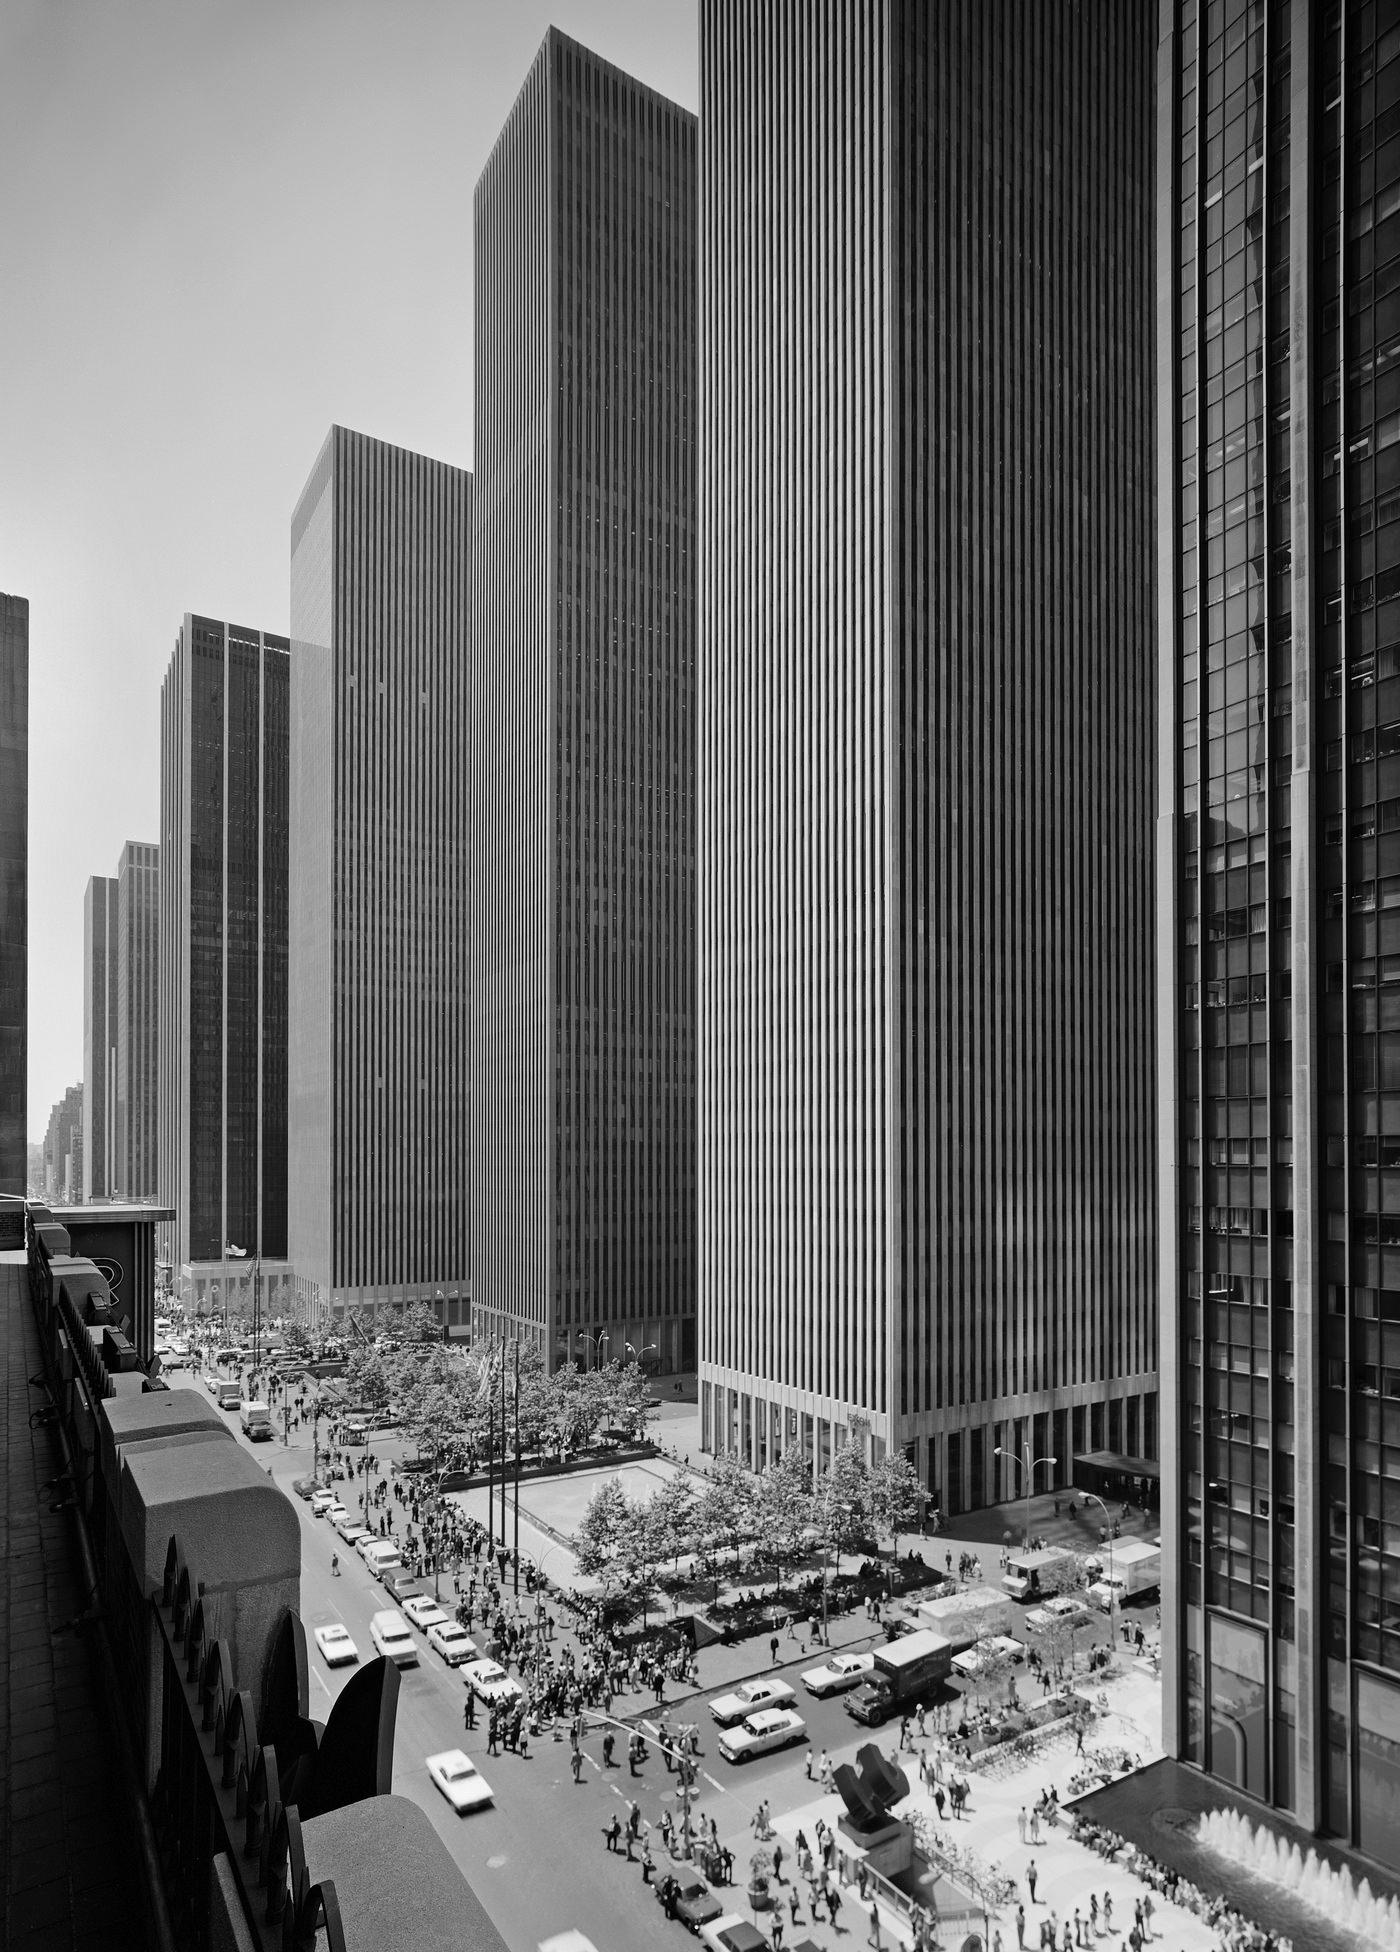 Эзра Столлер. Эксон-Билдинг на Шестой авеню. Арх.: Харрисон и Абрамовиц. Нью-Йорк, шт. Нью-Йорк, 1974